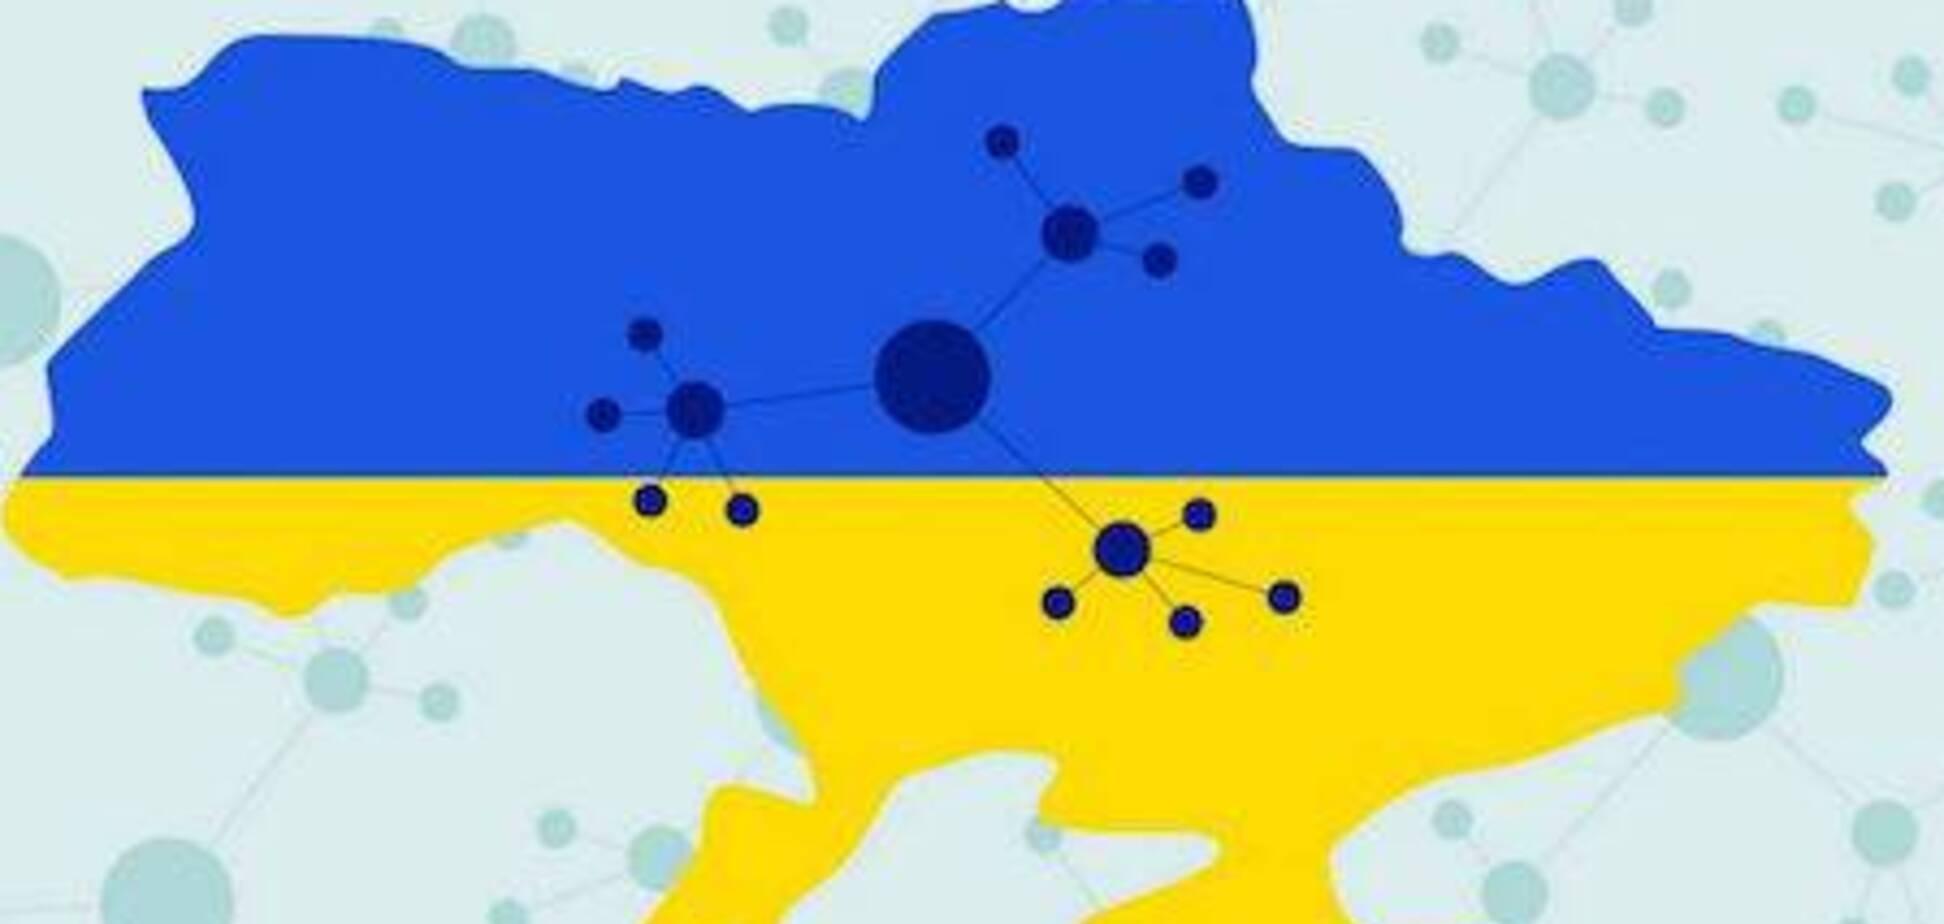 Районна децентралізація вбиває українську історію і село